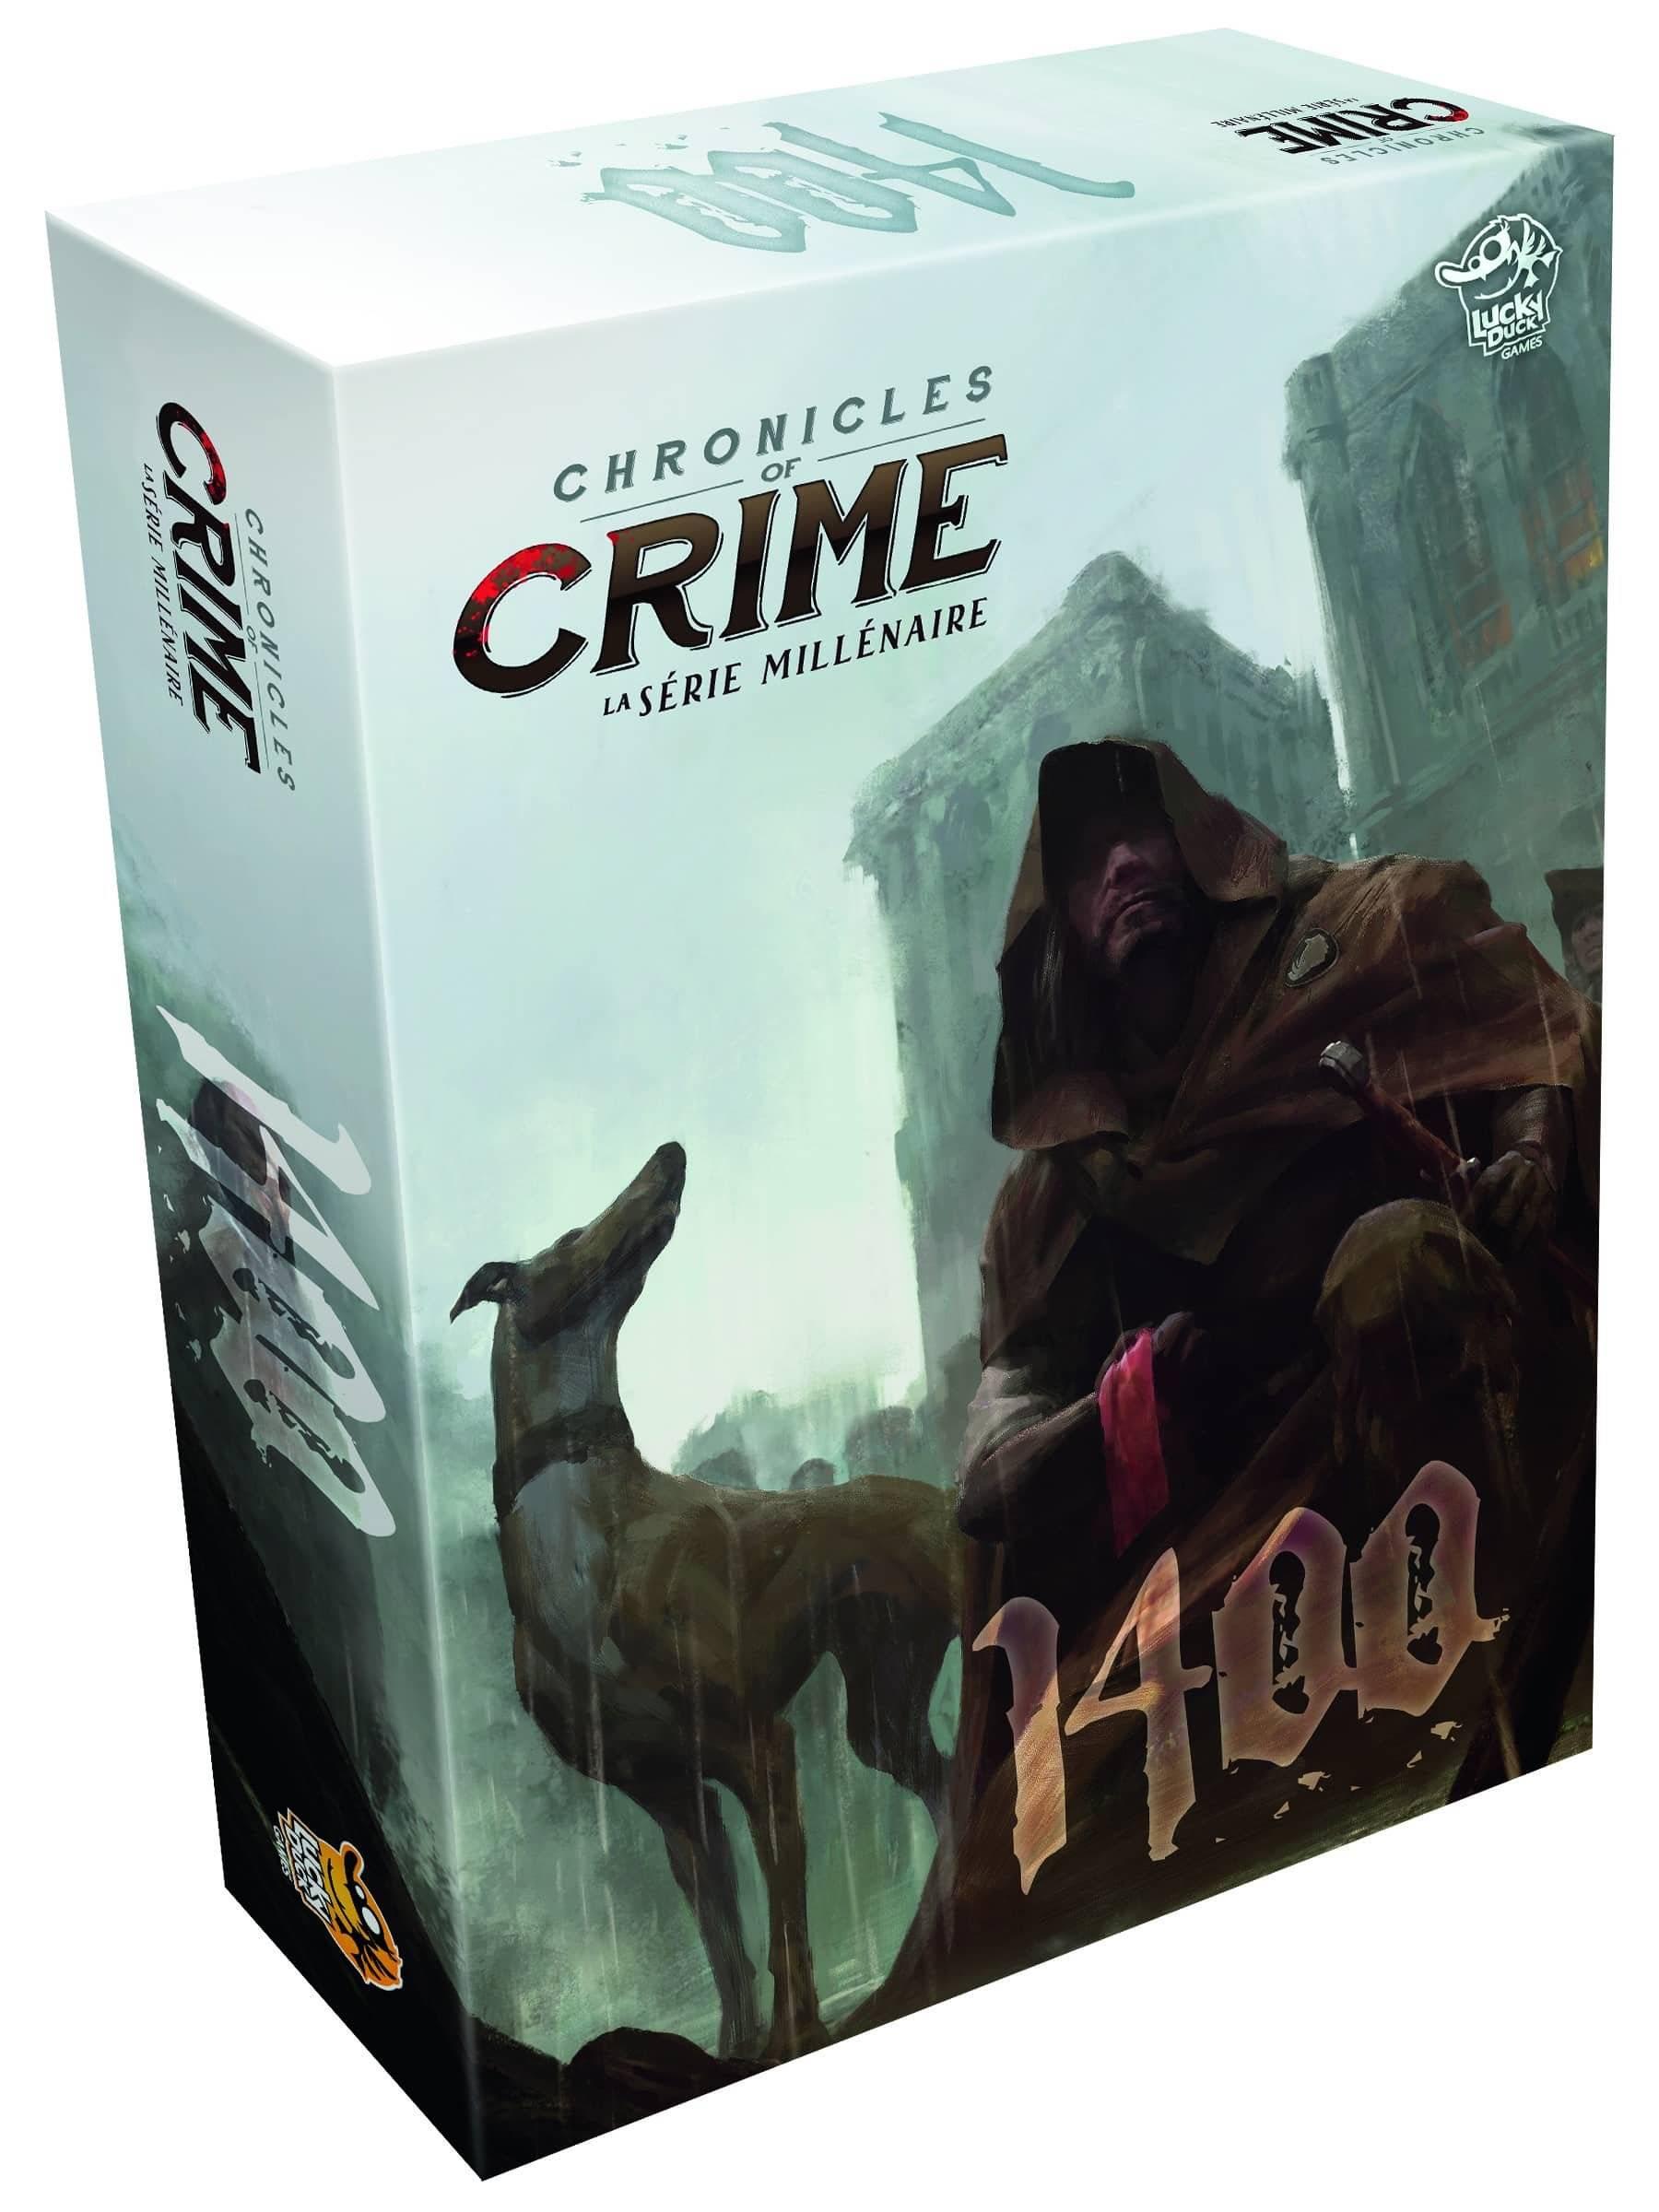 Chronicles of Crime - la série millénaire 1400